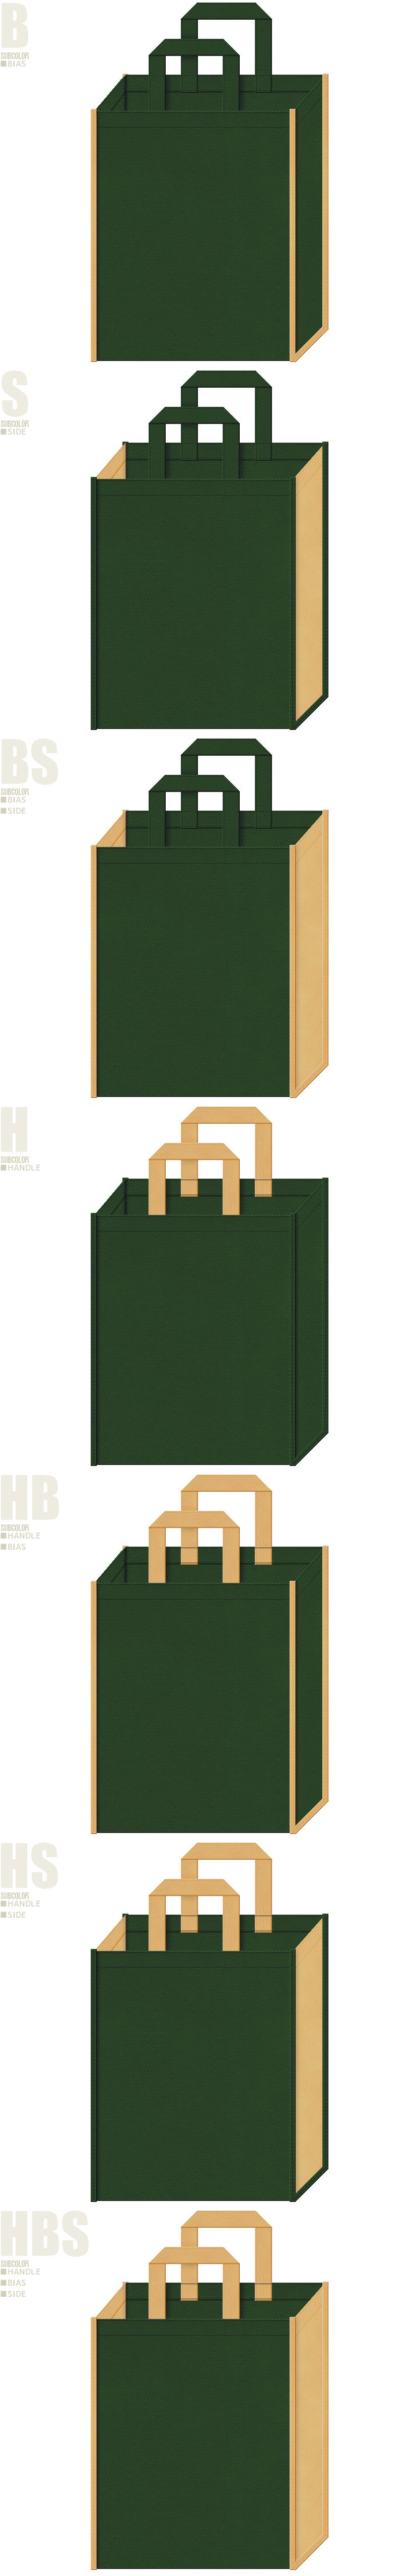 濃緑色と薄黄土色、7パターンの不織布トートバッグ配色デザイン例。アウトドア・キャンプ用品の展示会用バッグにお奨めです。